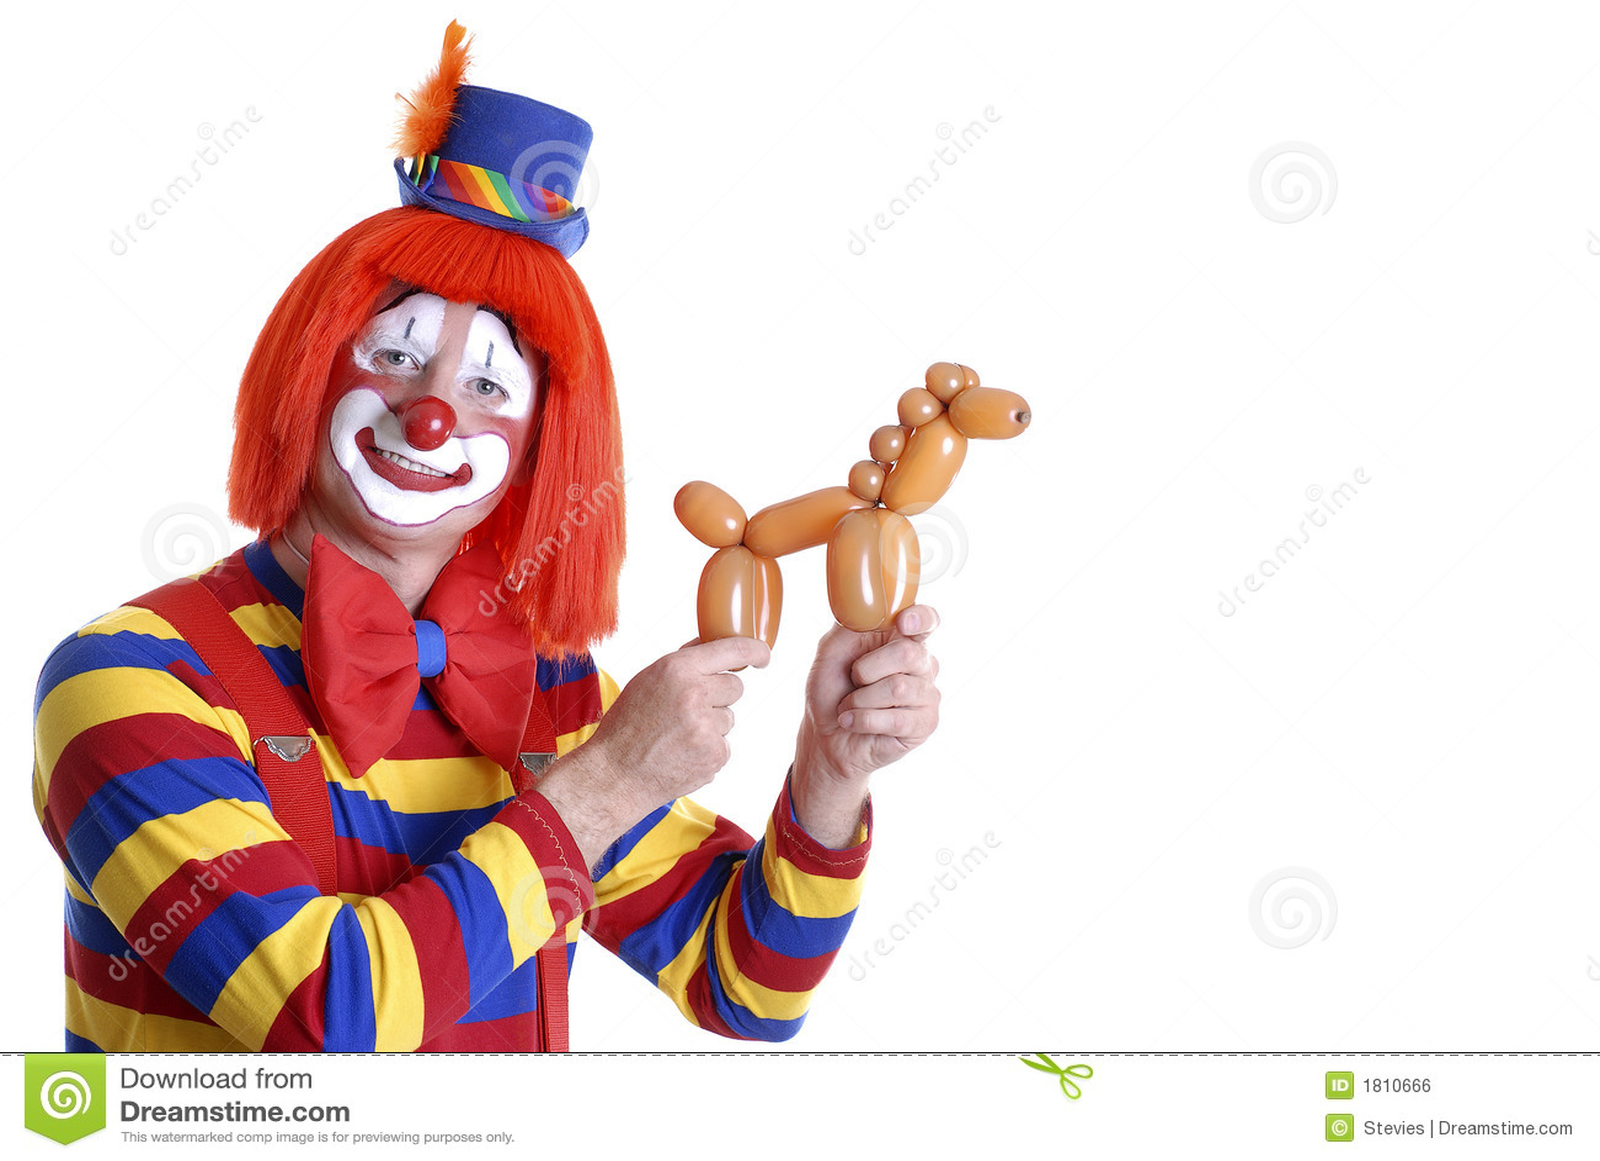 circus-clown-1810666.jpg